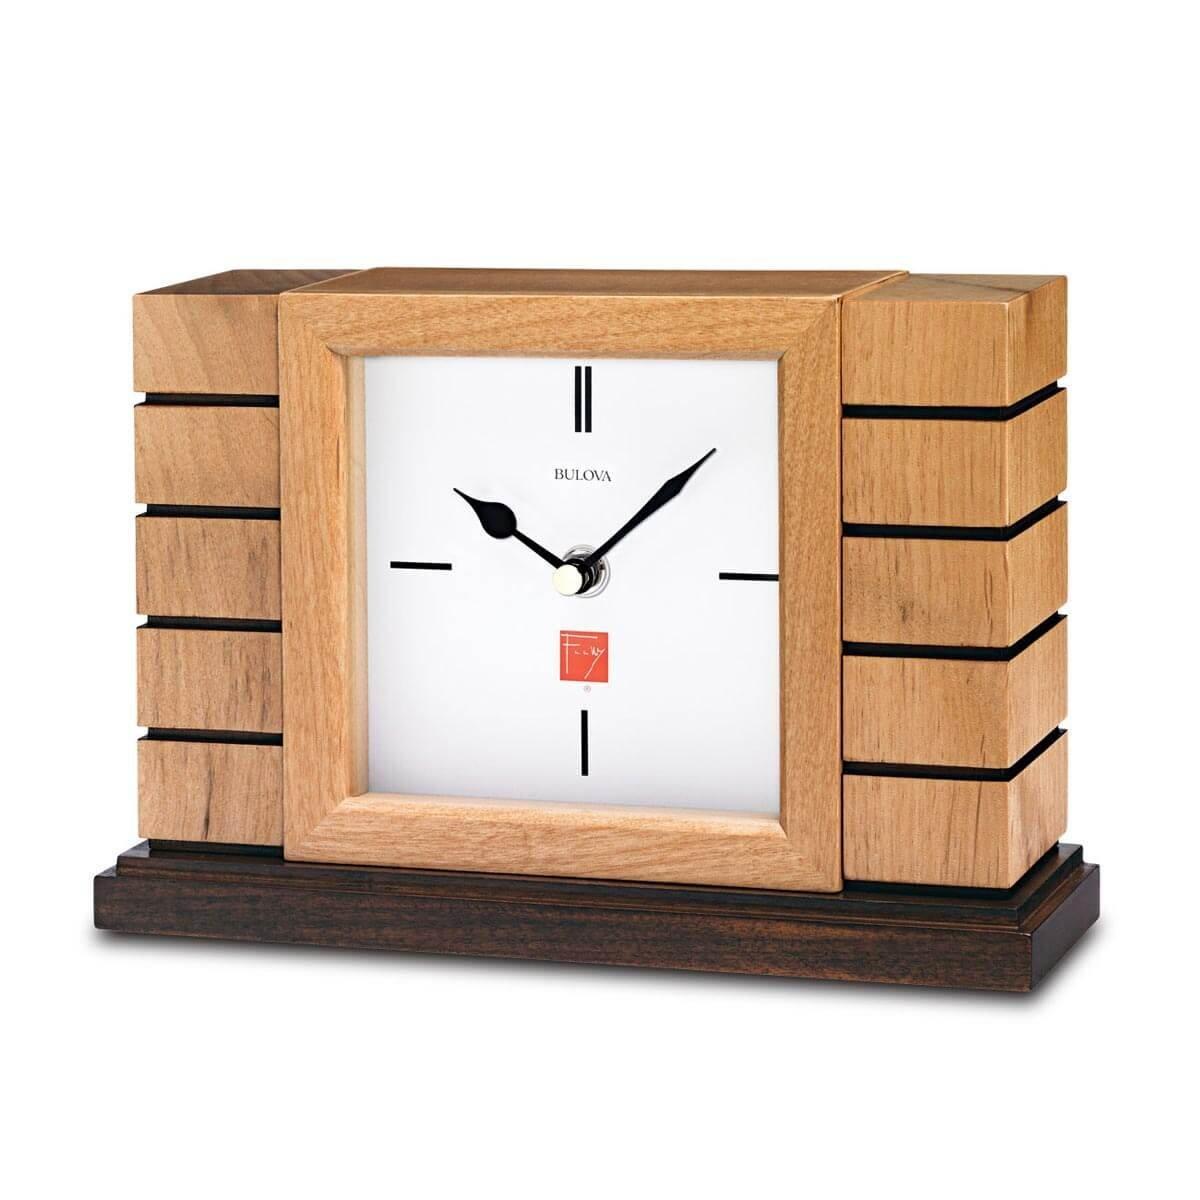 ブローバ Bulova 置時計 フランクロイドライト Frank Lloyd Wright Usonian II 静音 秒針 しない 静か 時計